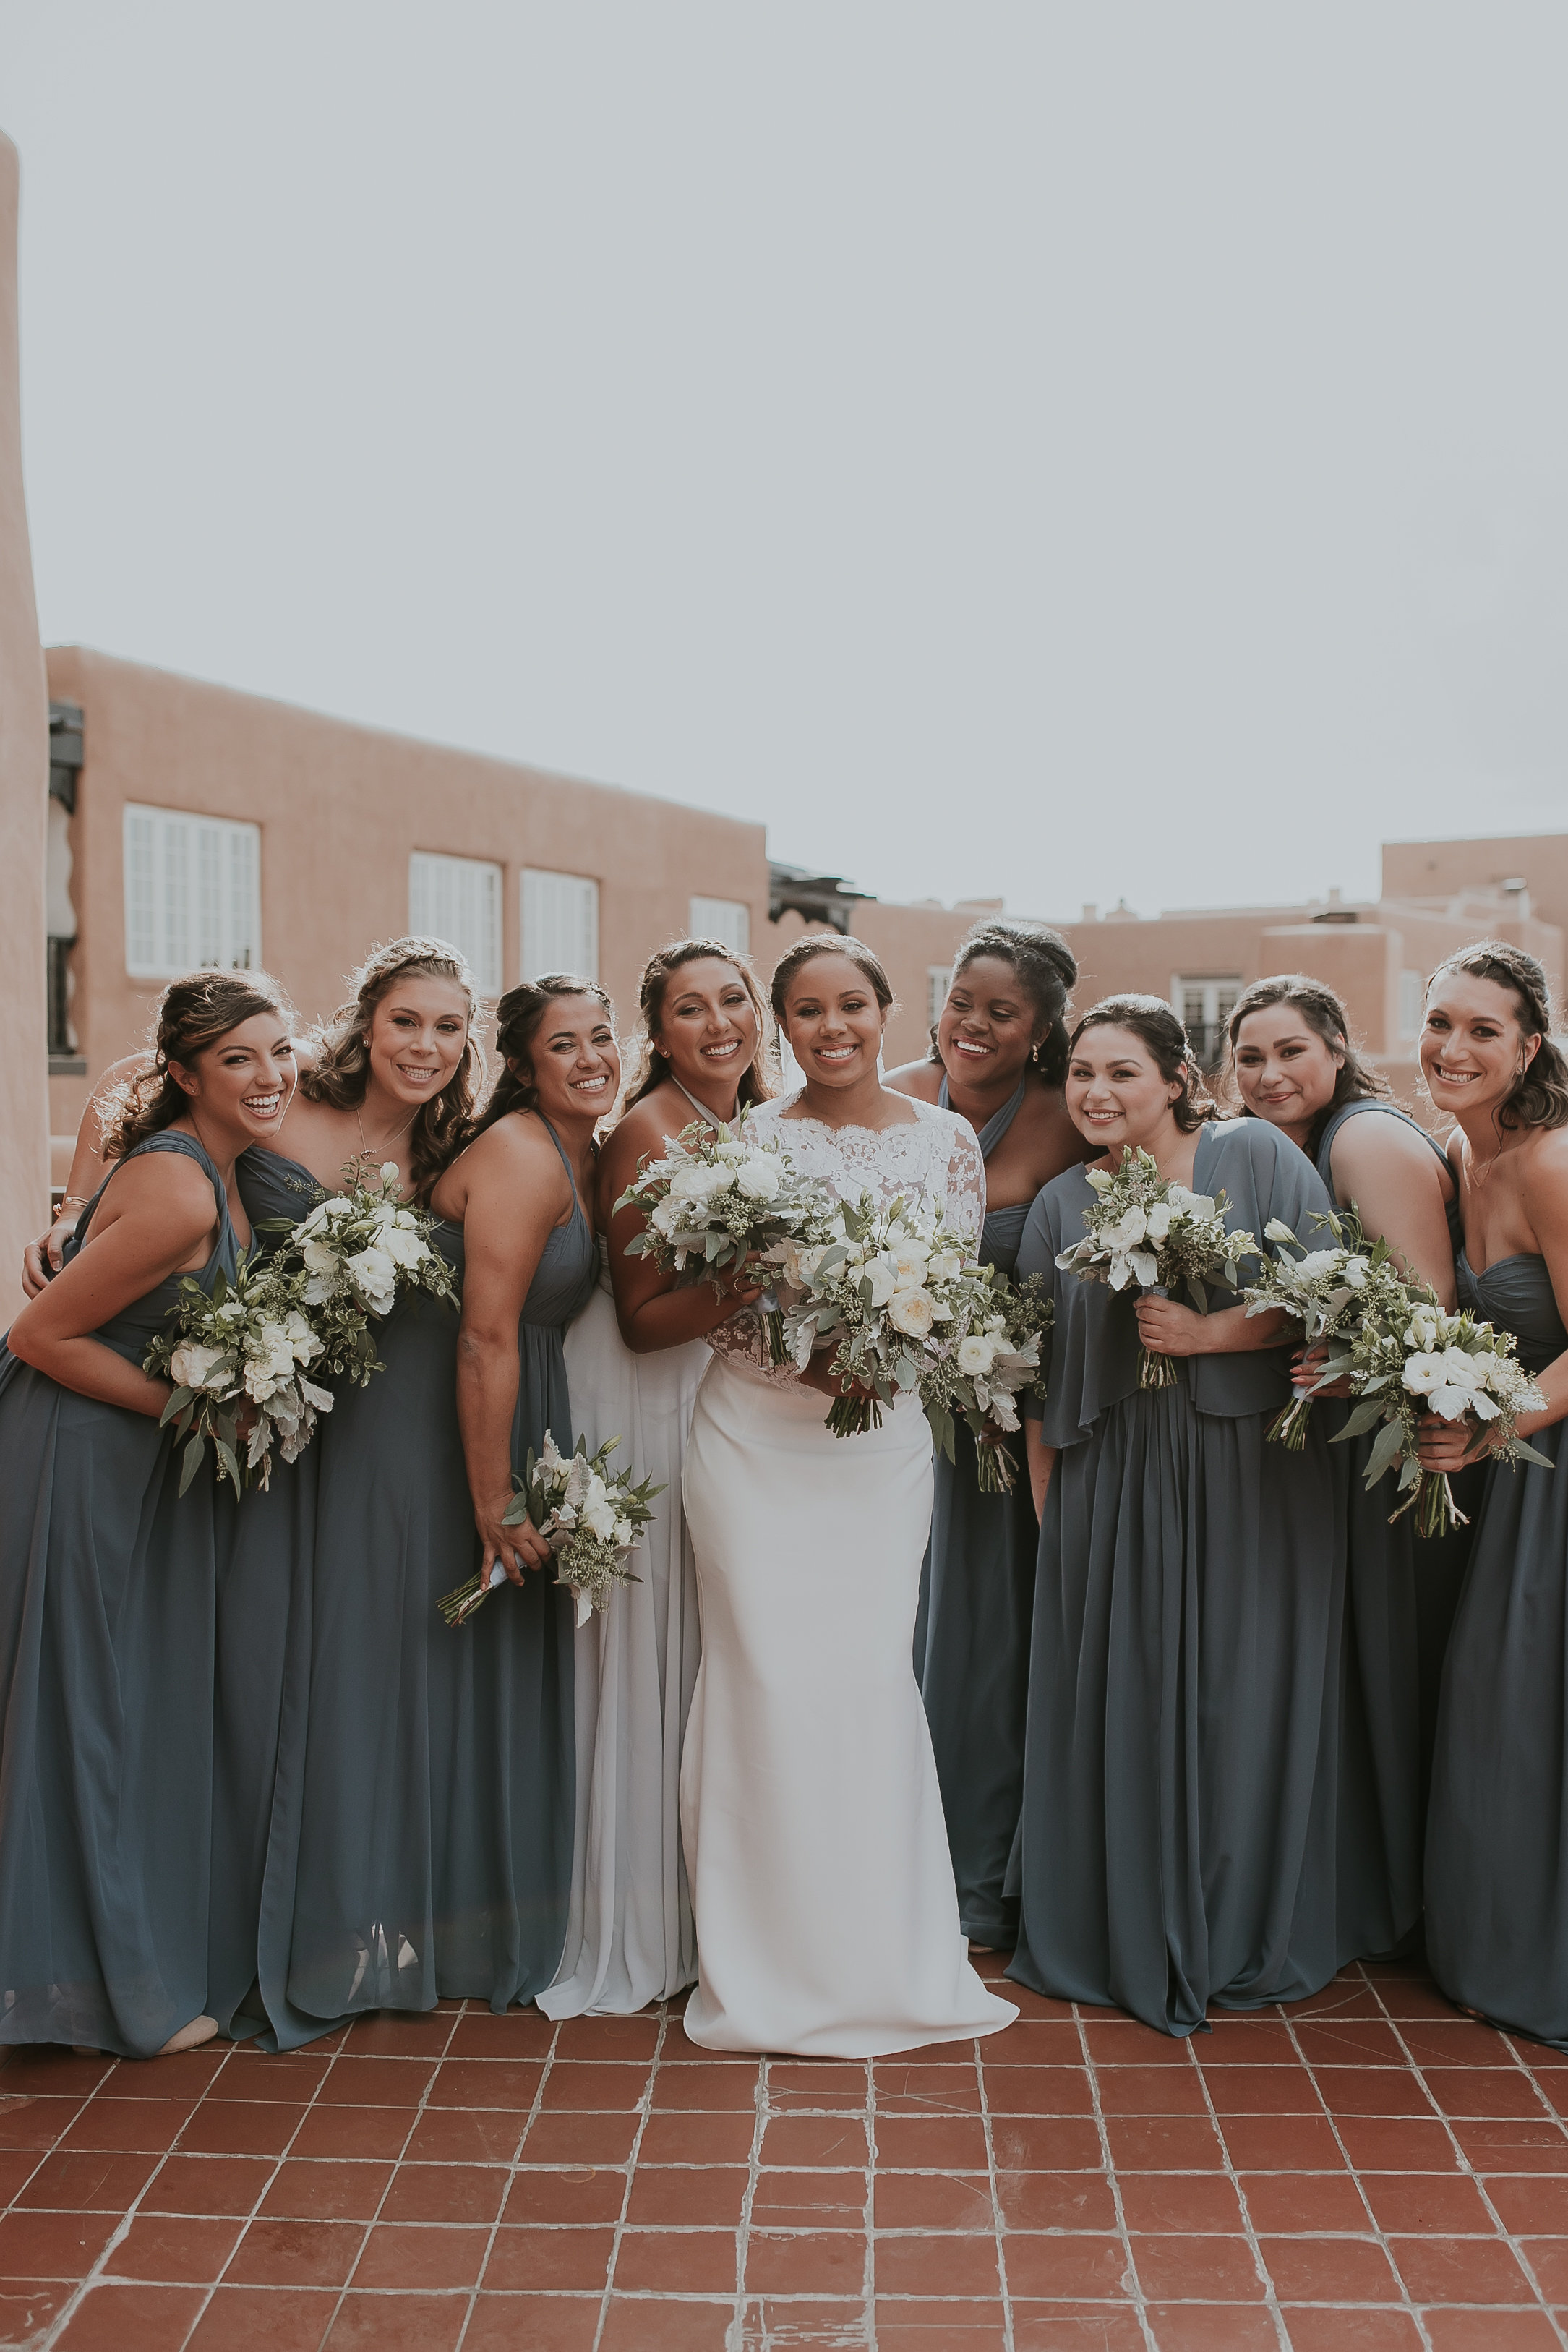 bridal party makeup in Santa Fe, NM